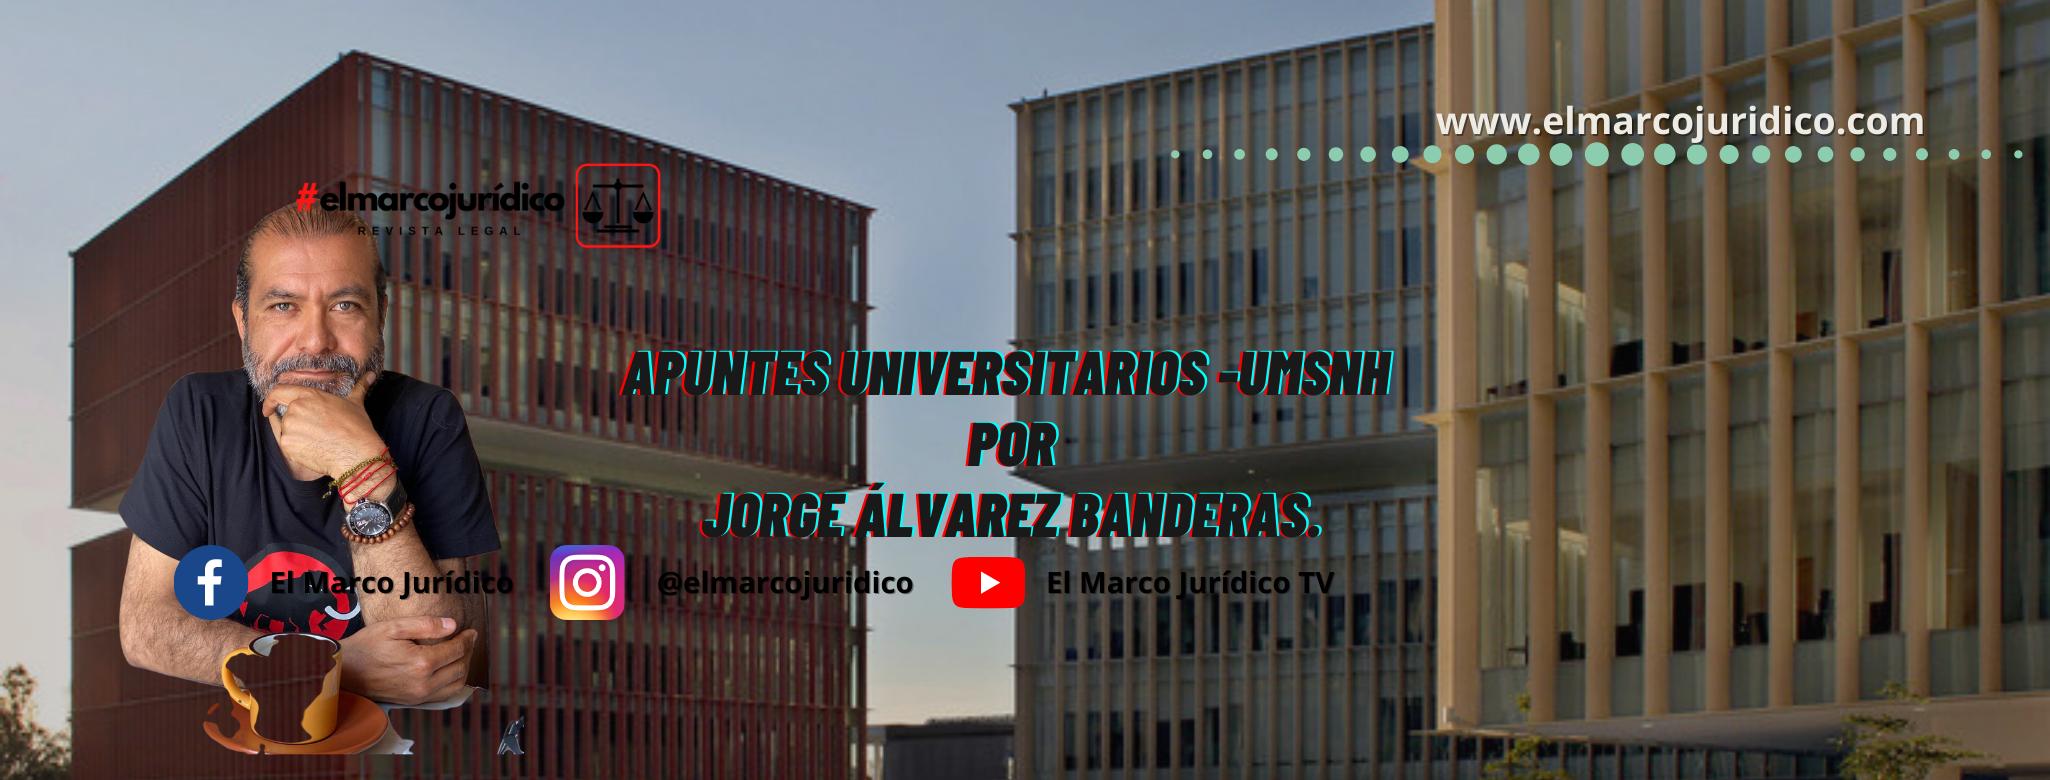 APUNTES UNIVERSITARIOS -UMSNH- | Jorge Álvarez Banderas.